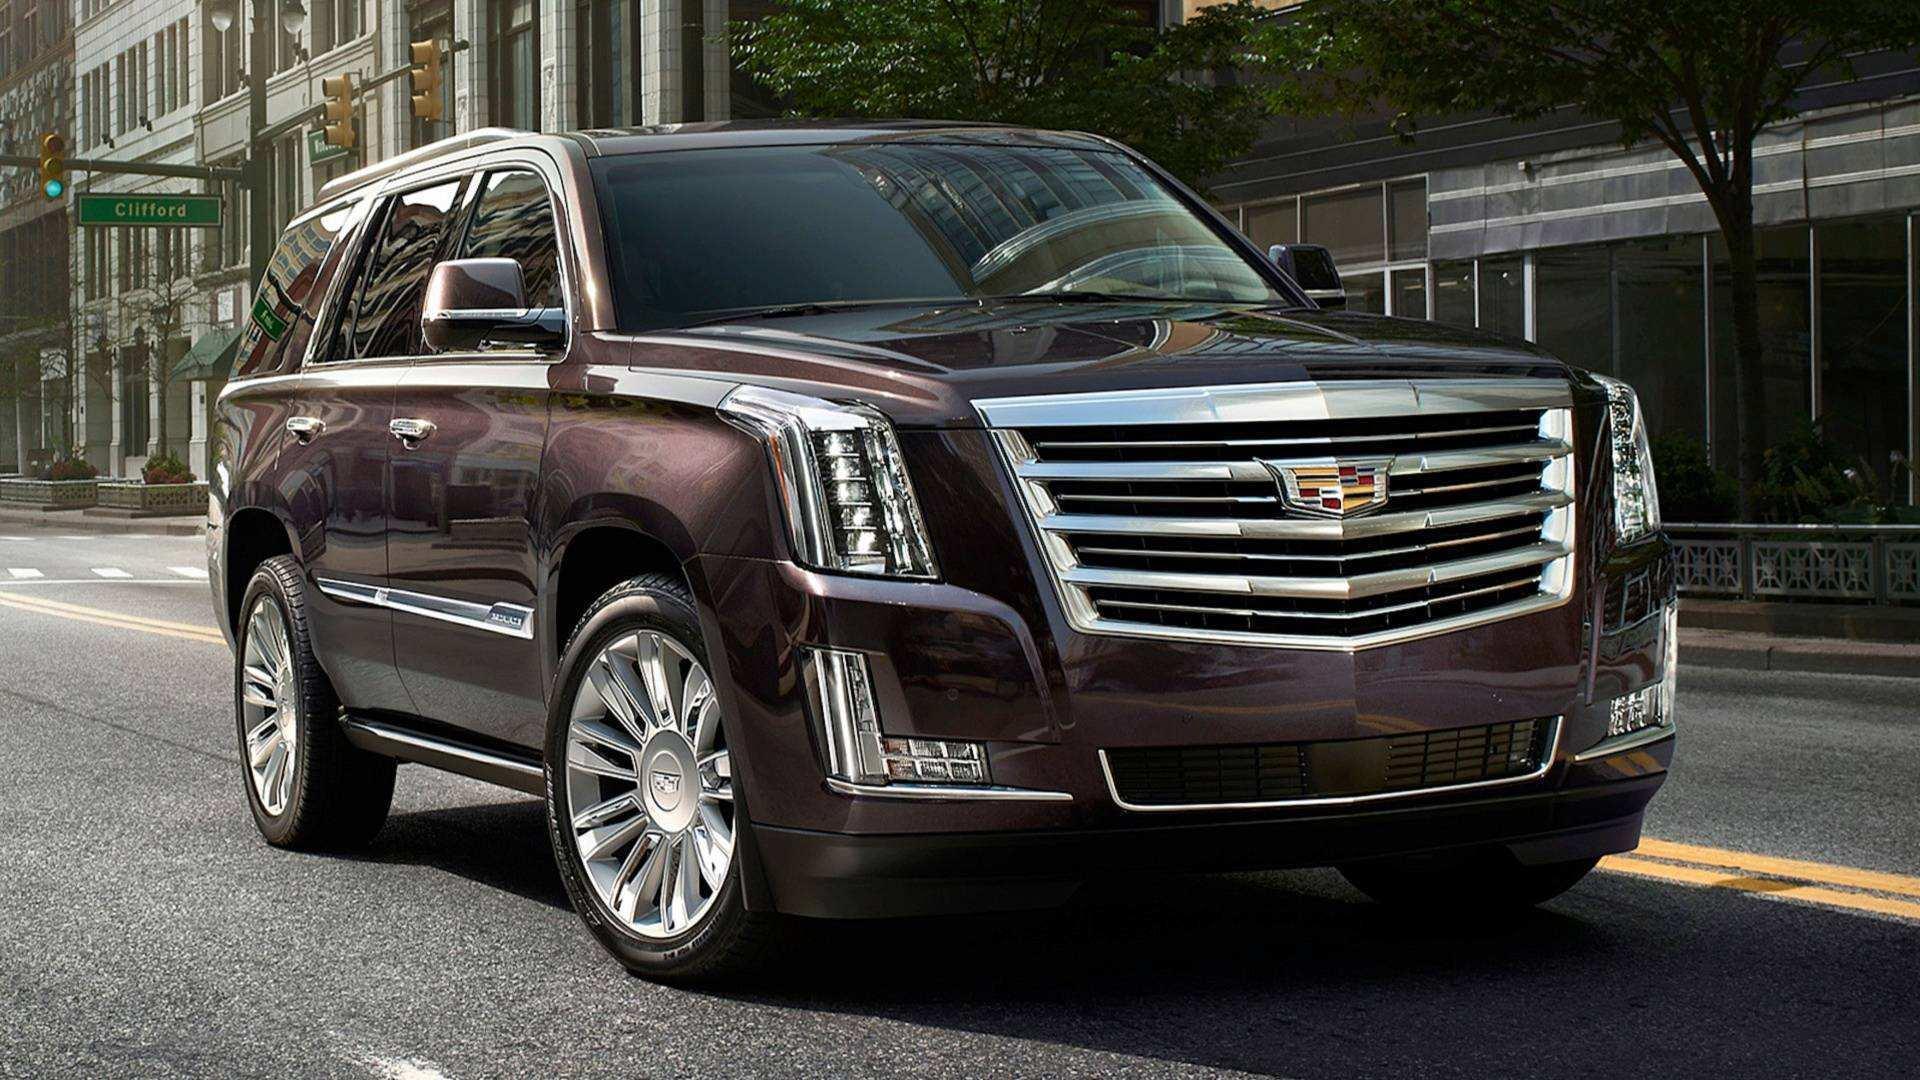 24 The 2020 Cadillac Escalade Hybrid New Concept for 2020 Cadillac Escalade Hybrid